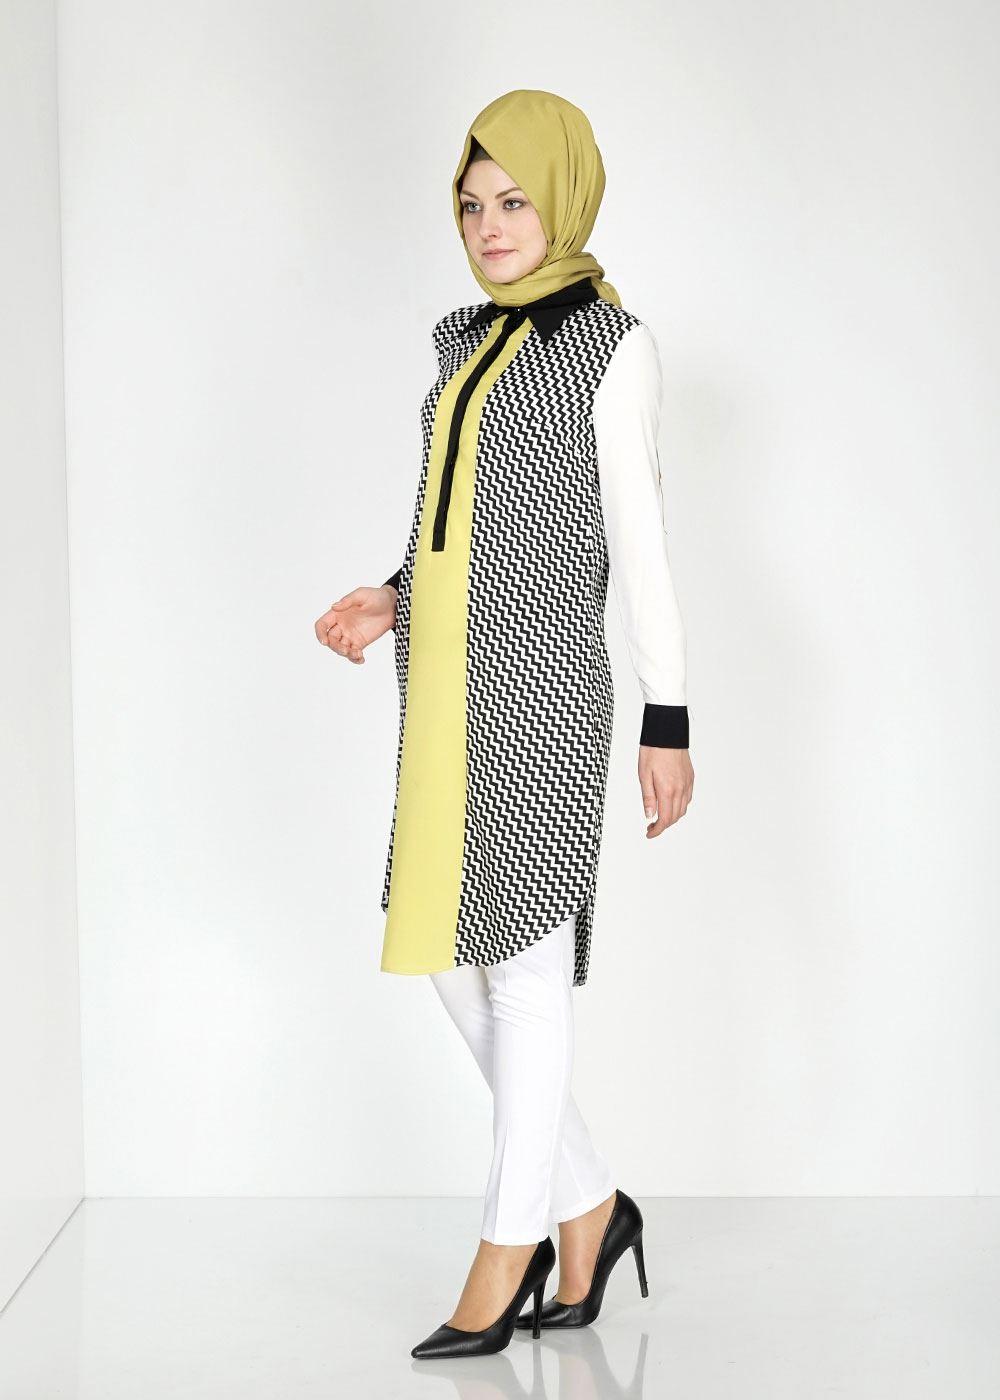 fb52932dd8573 Rengarenk Alvina Genç Tesettür Tunik Modelleri, Genç Tesettür Giyim 2016